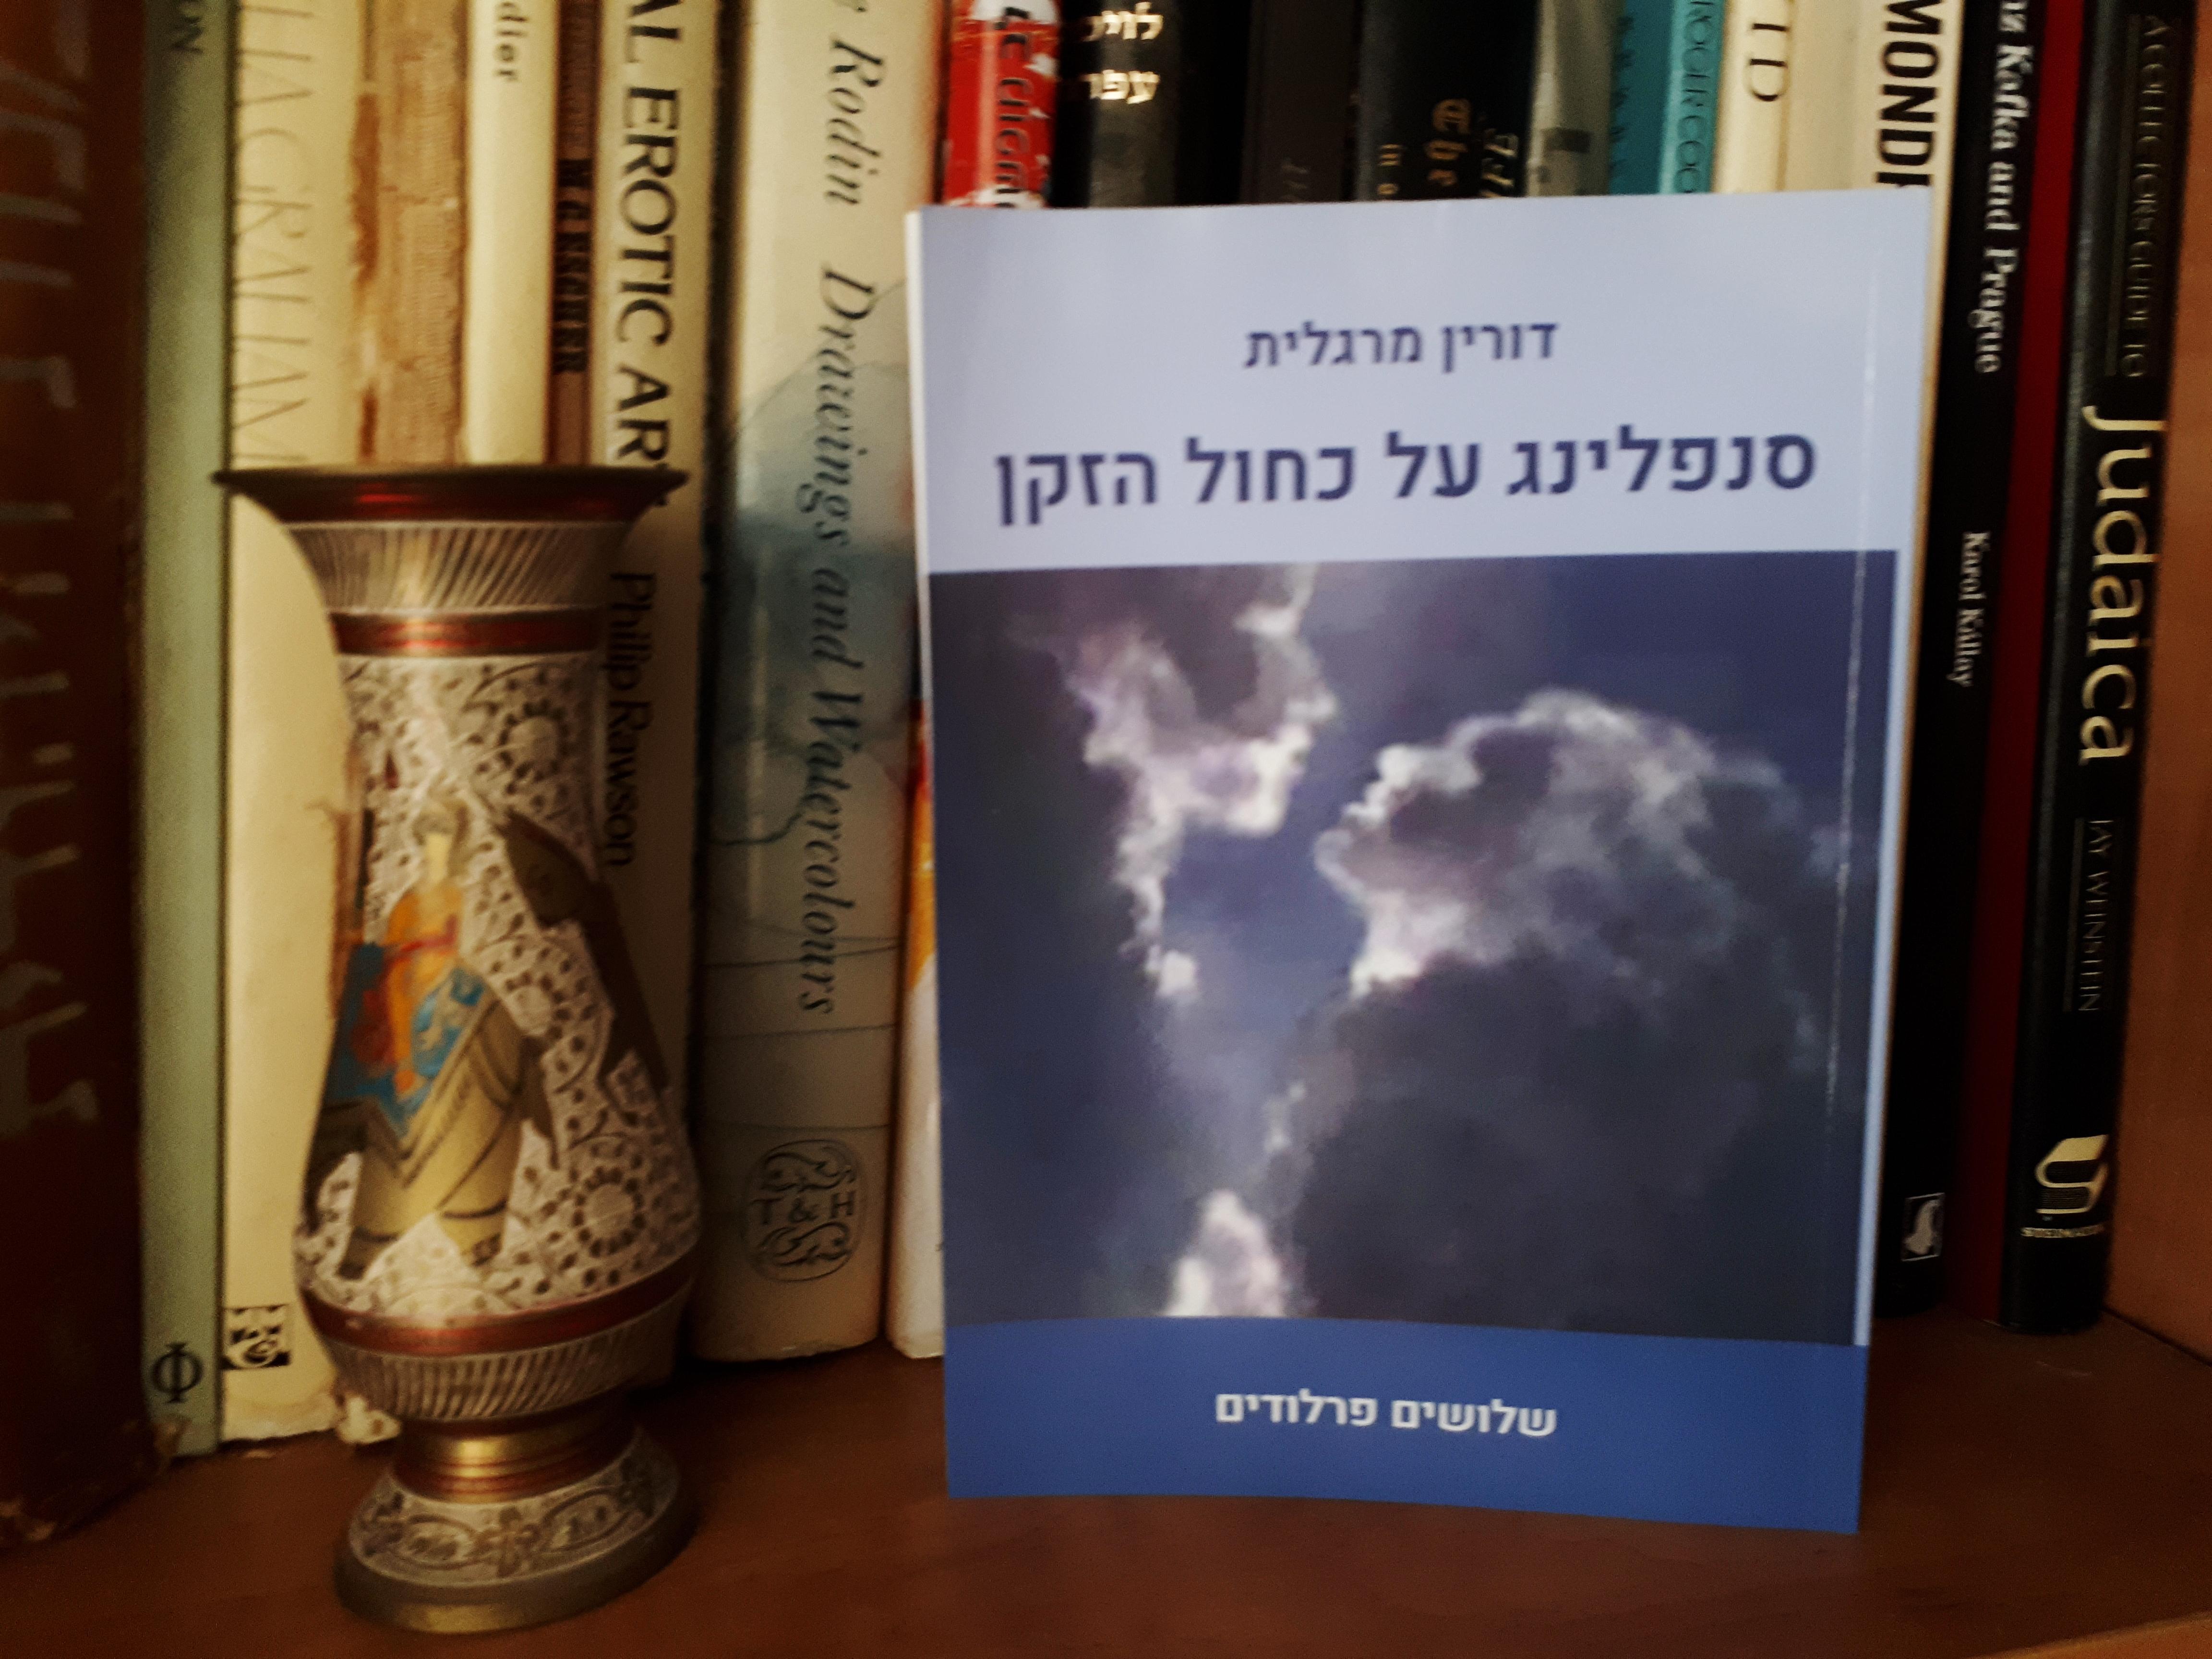 """דורין מרגלית-השקת הספר """"סנפלינג על כחול הזקן, ואלבום שני בדרך"""